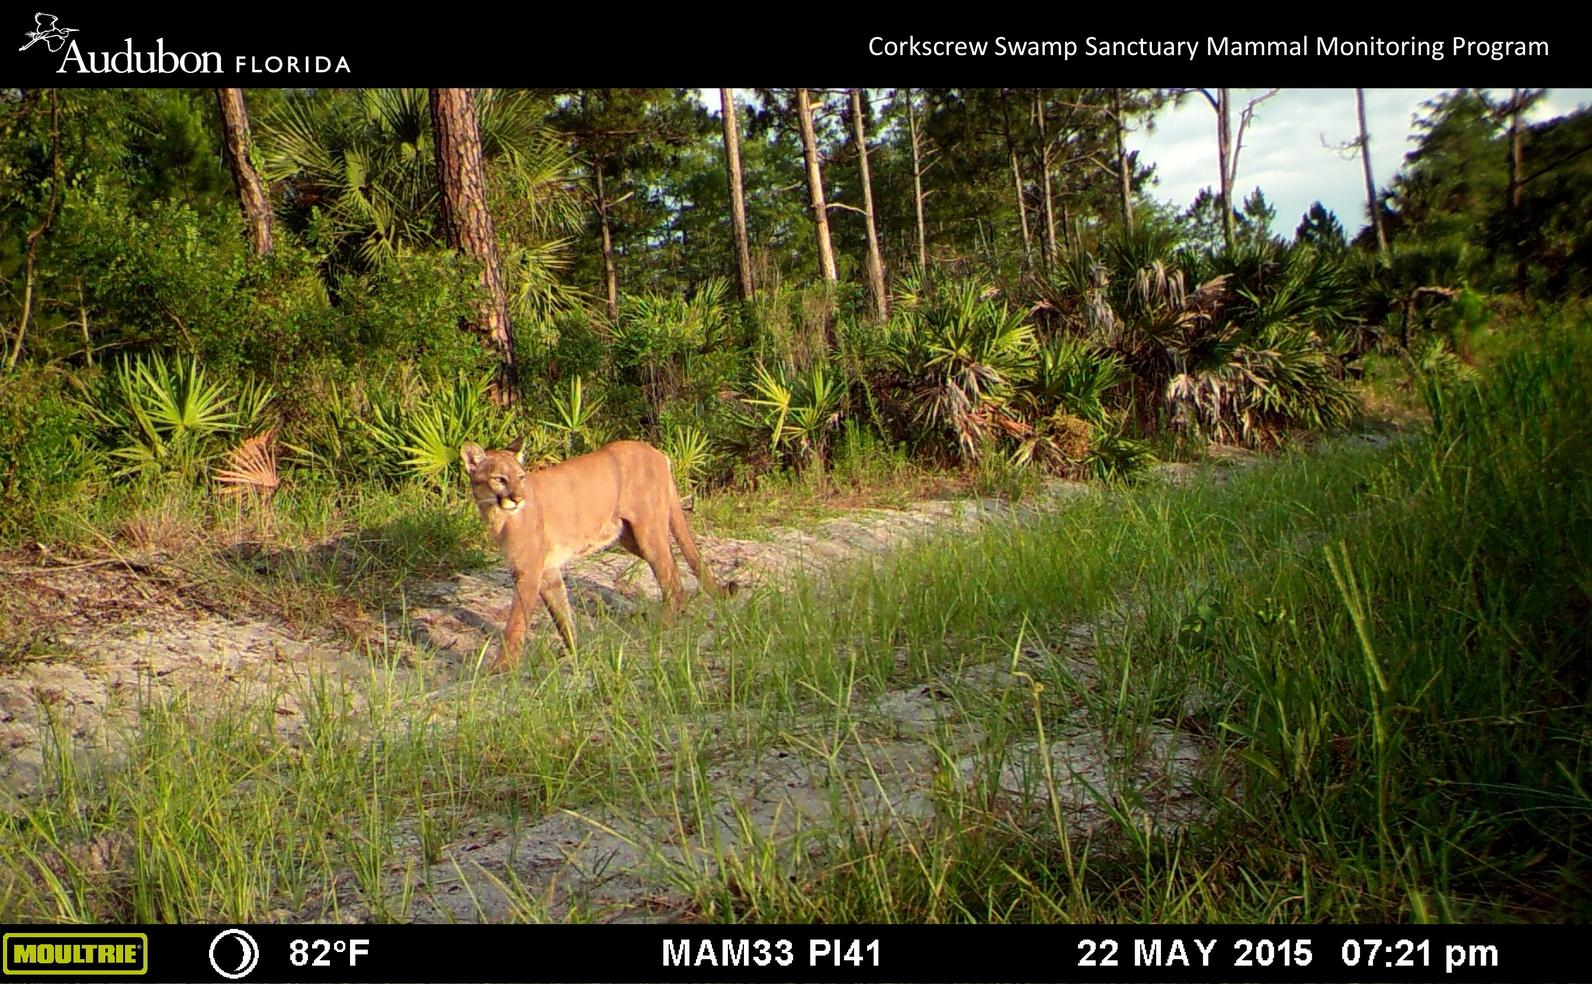 Florida panther at Corkscrew Swamp Sanctuary